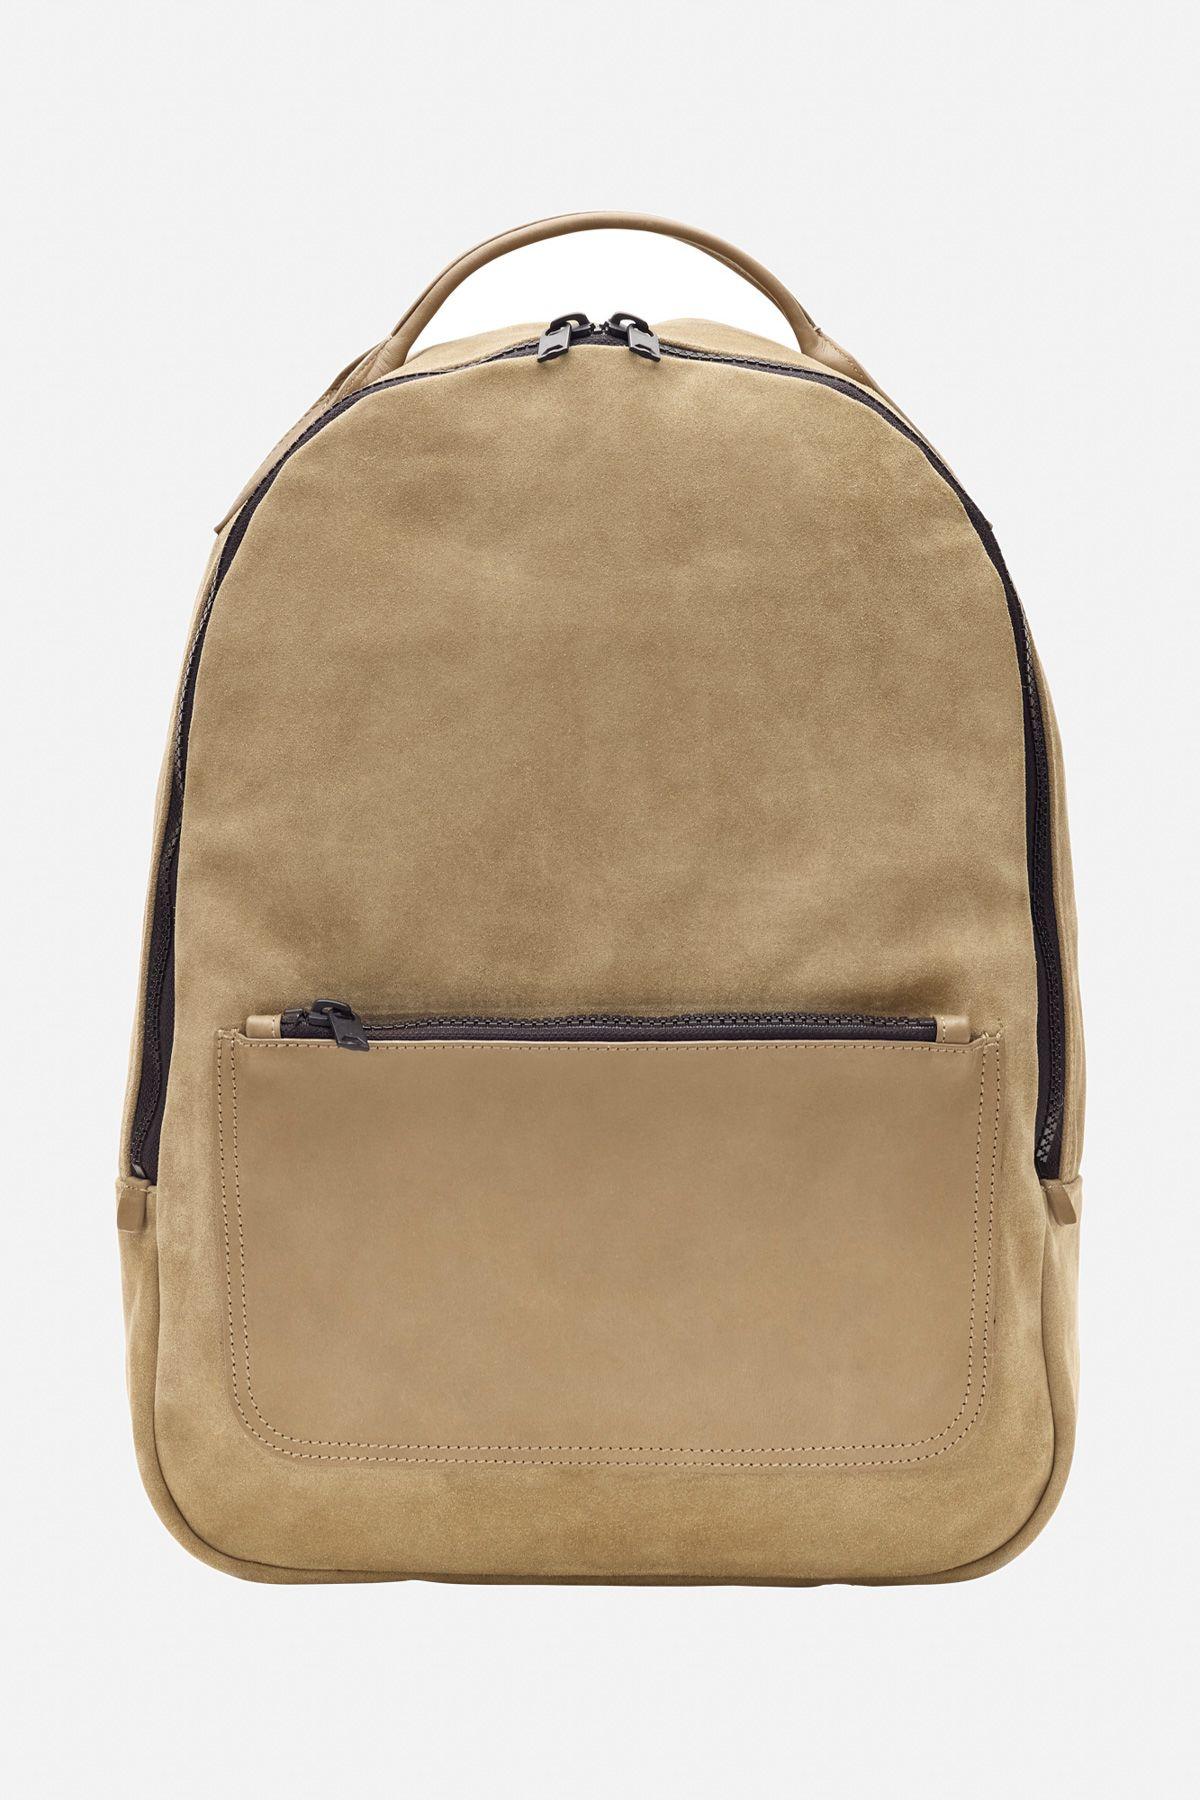 Kanye West x adidas KW Leather Backpack